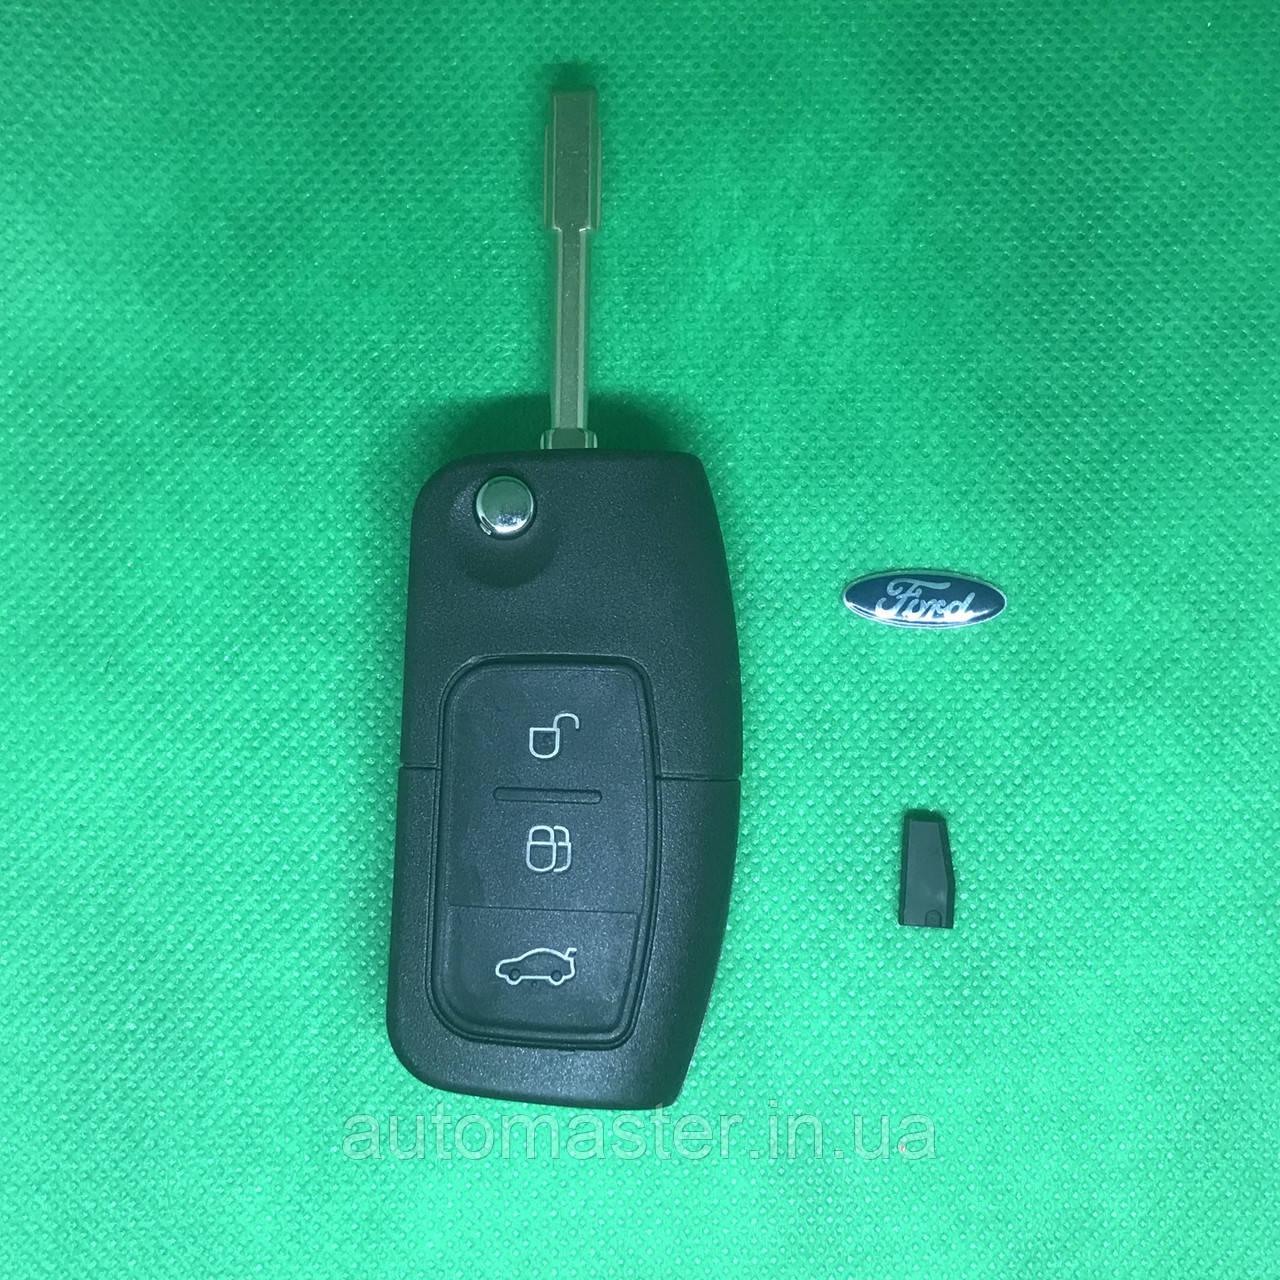 Ключ  Ford mondeo, focus выкидной 3 кнопки 433MHz чип 4D60 лезвие FO21